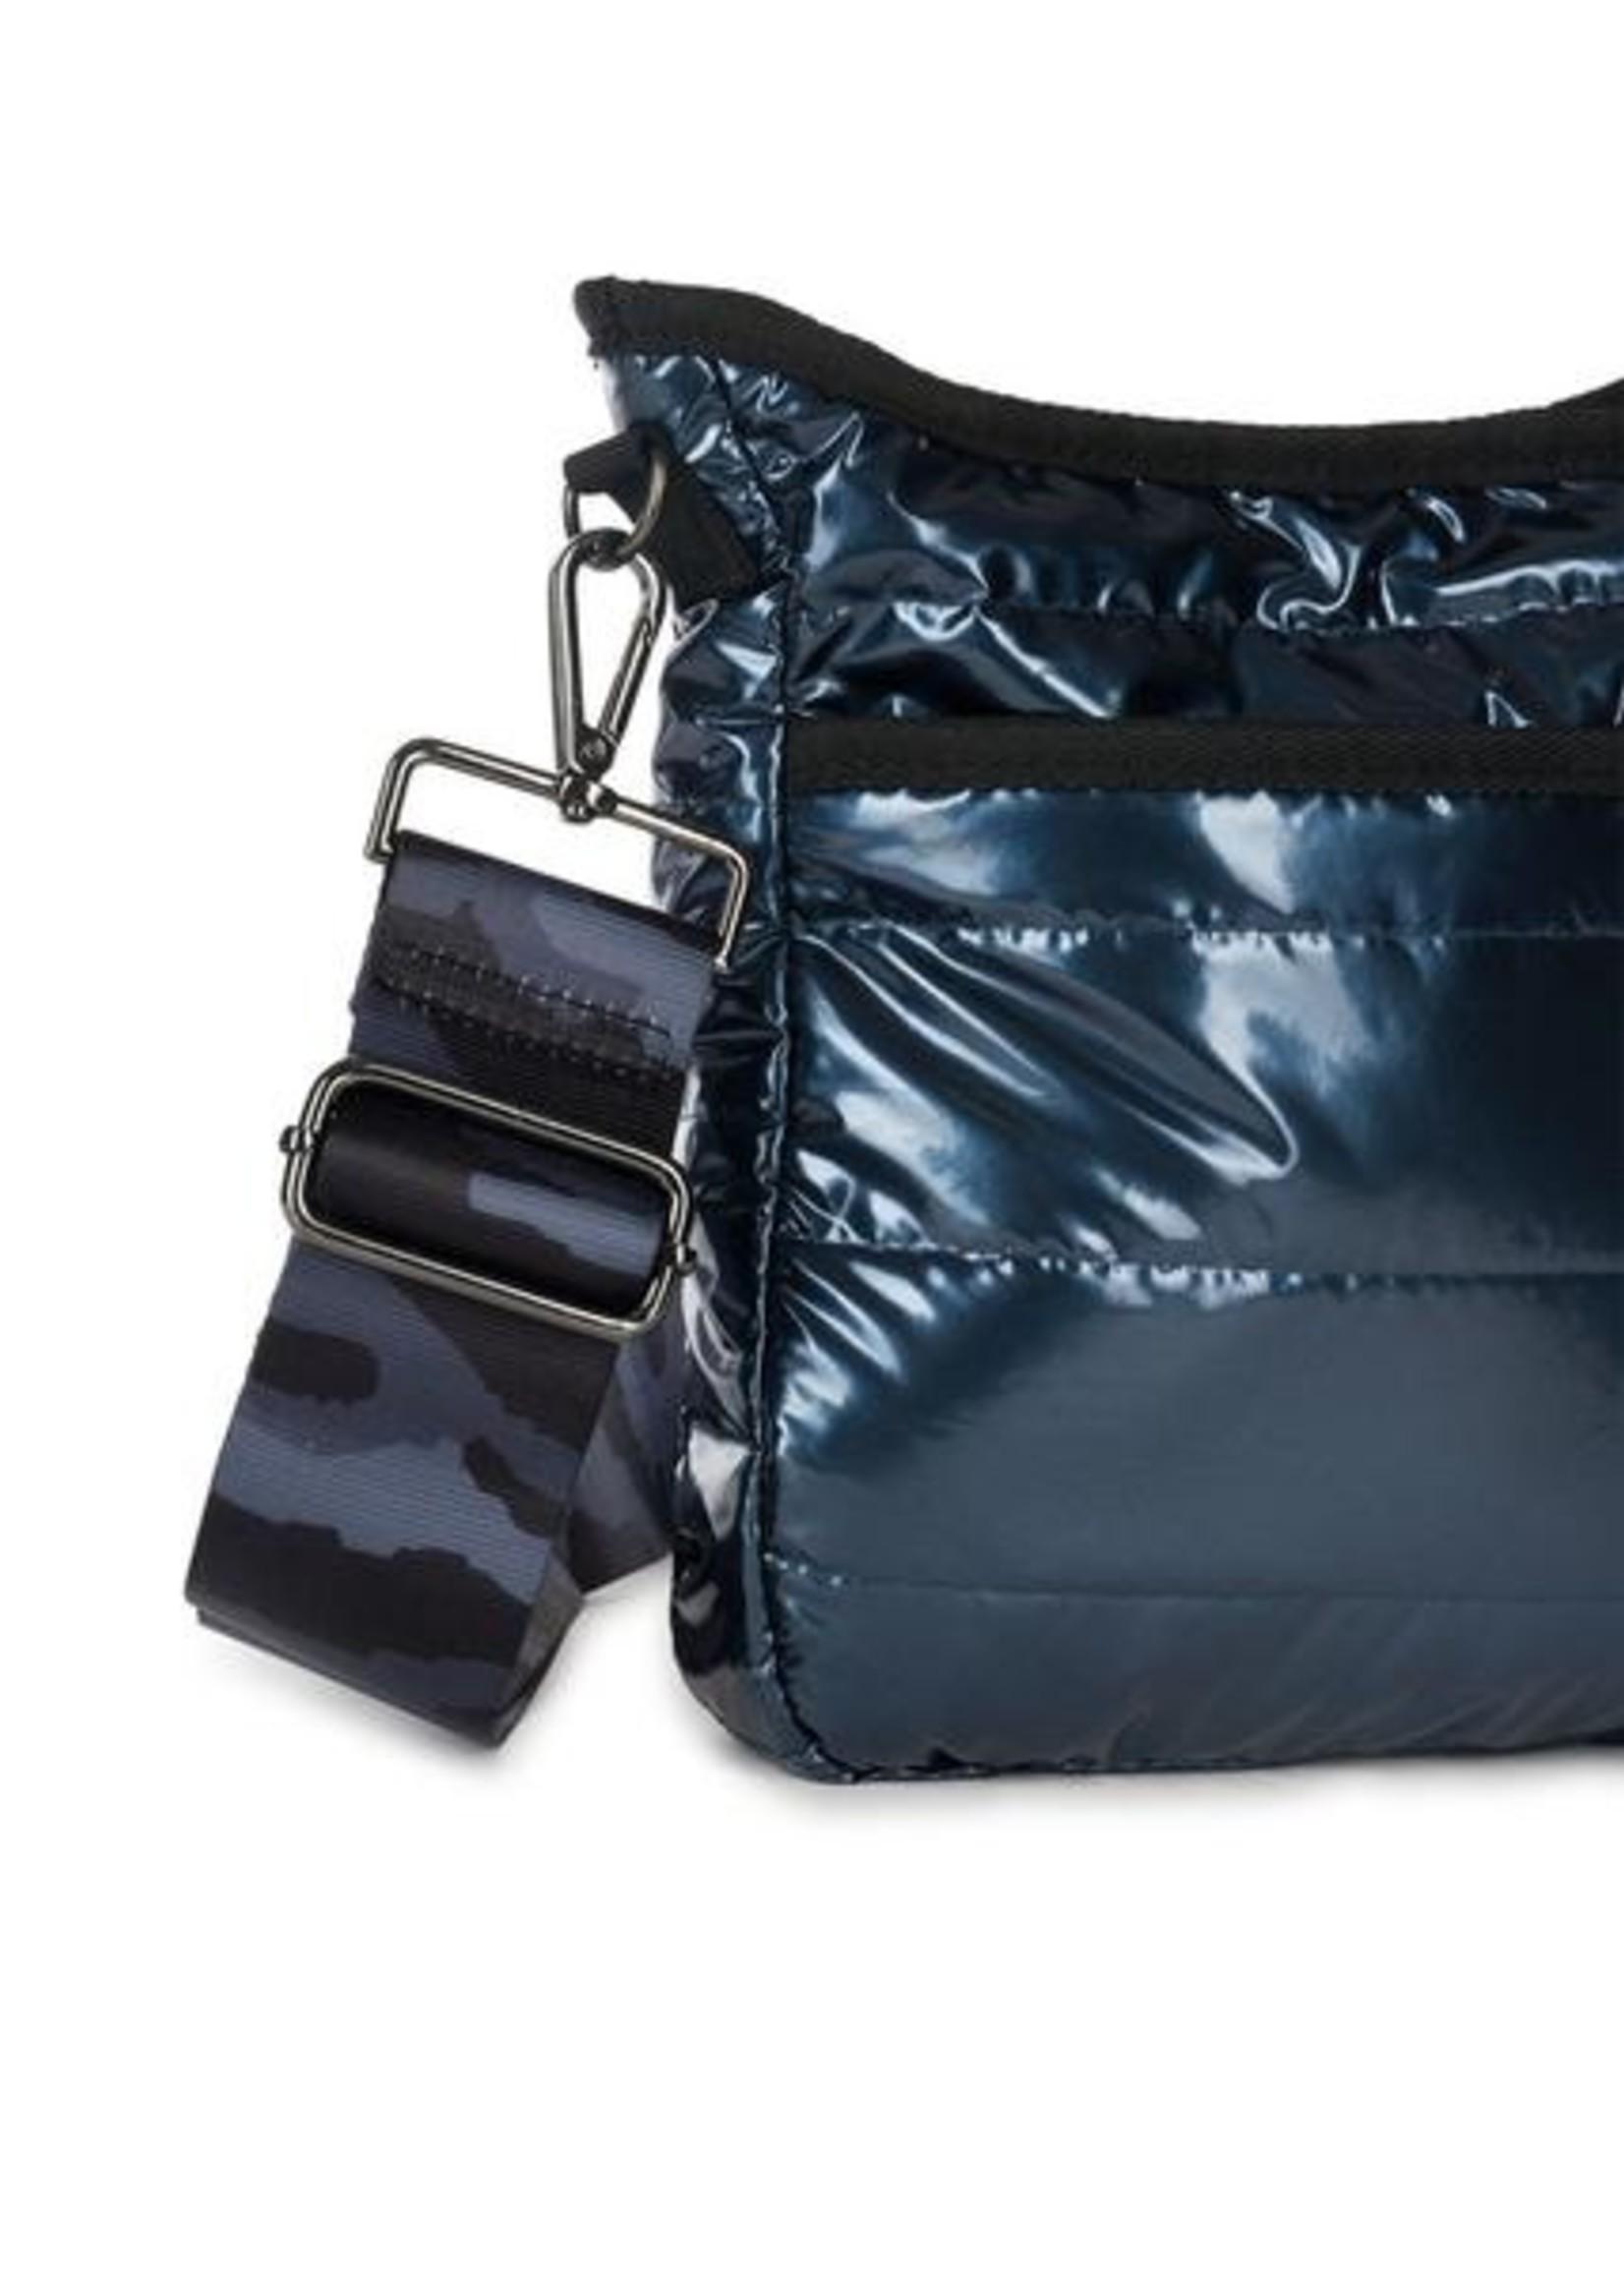 Nikki acme puffer bag